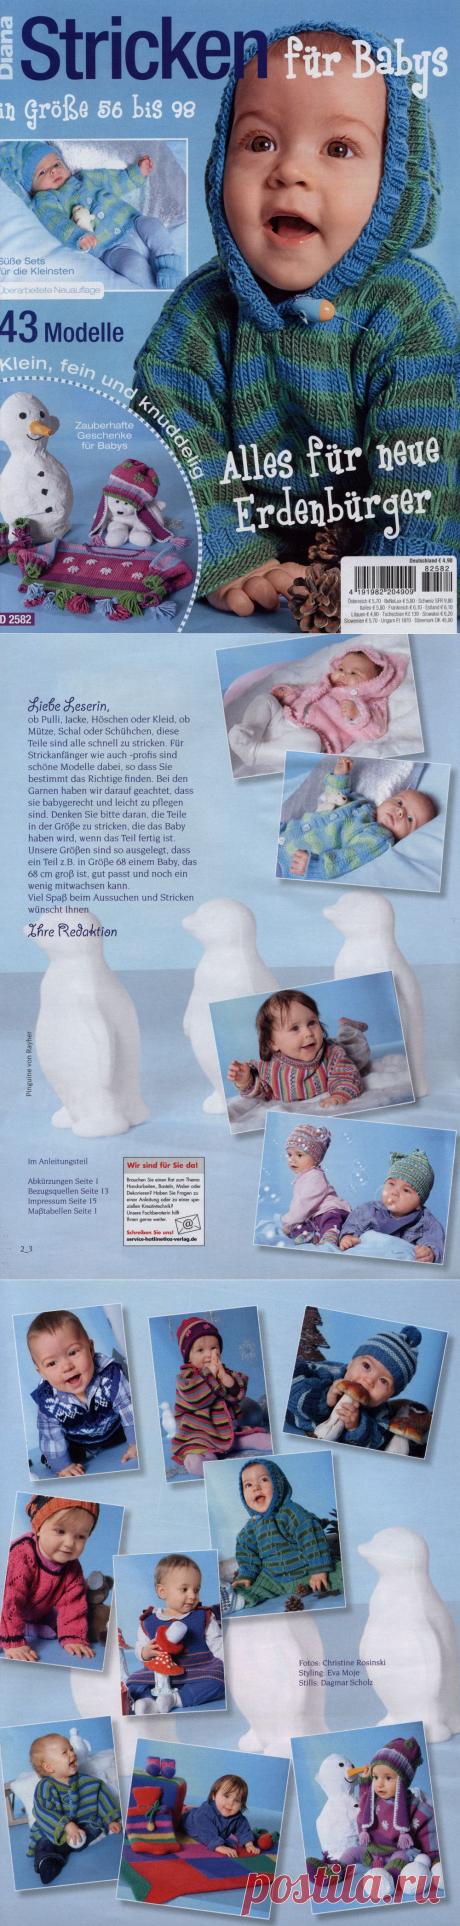 """Журнал """"Diana D 2582 Stricken fur Babys"""" 2018г"""